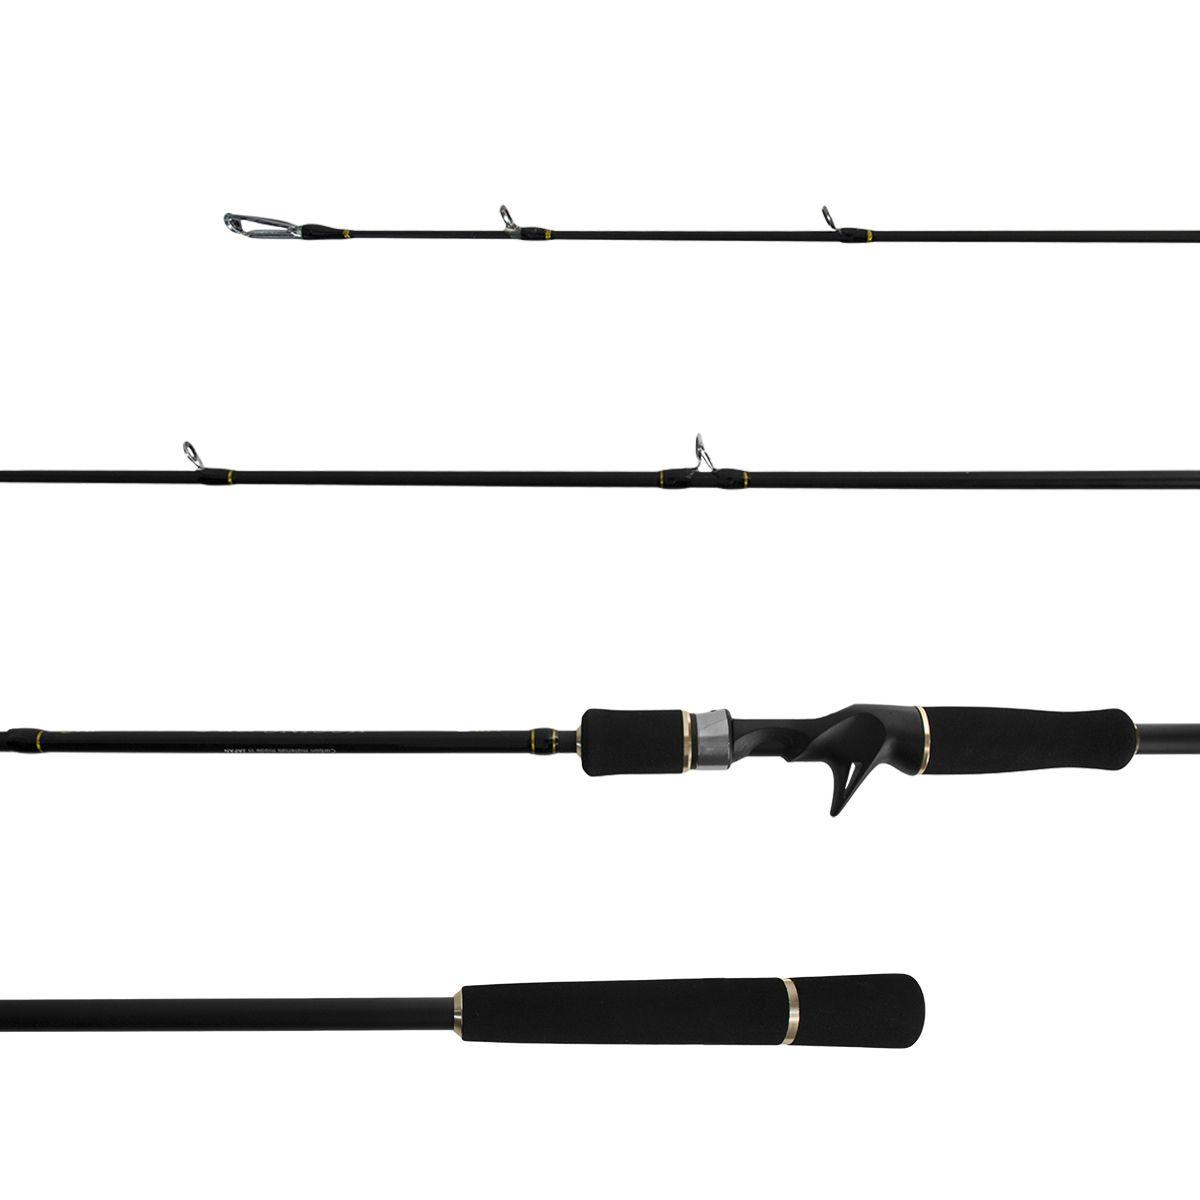 Vara Carretilha Jigging Pro IM6 1.83m PE 2-4 2 partes Lumis